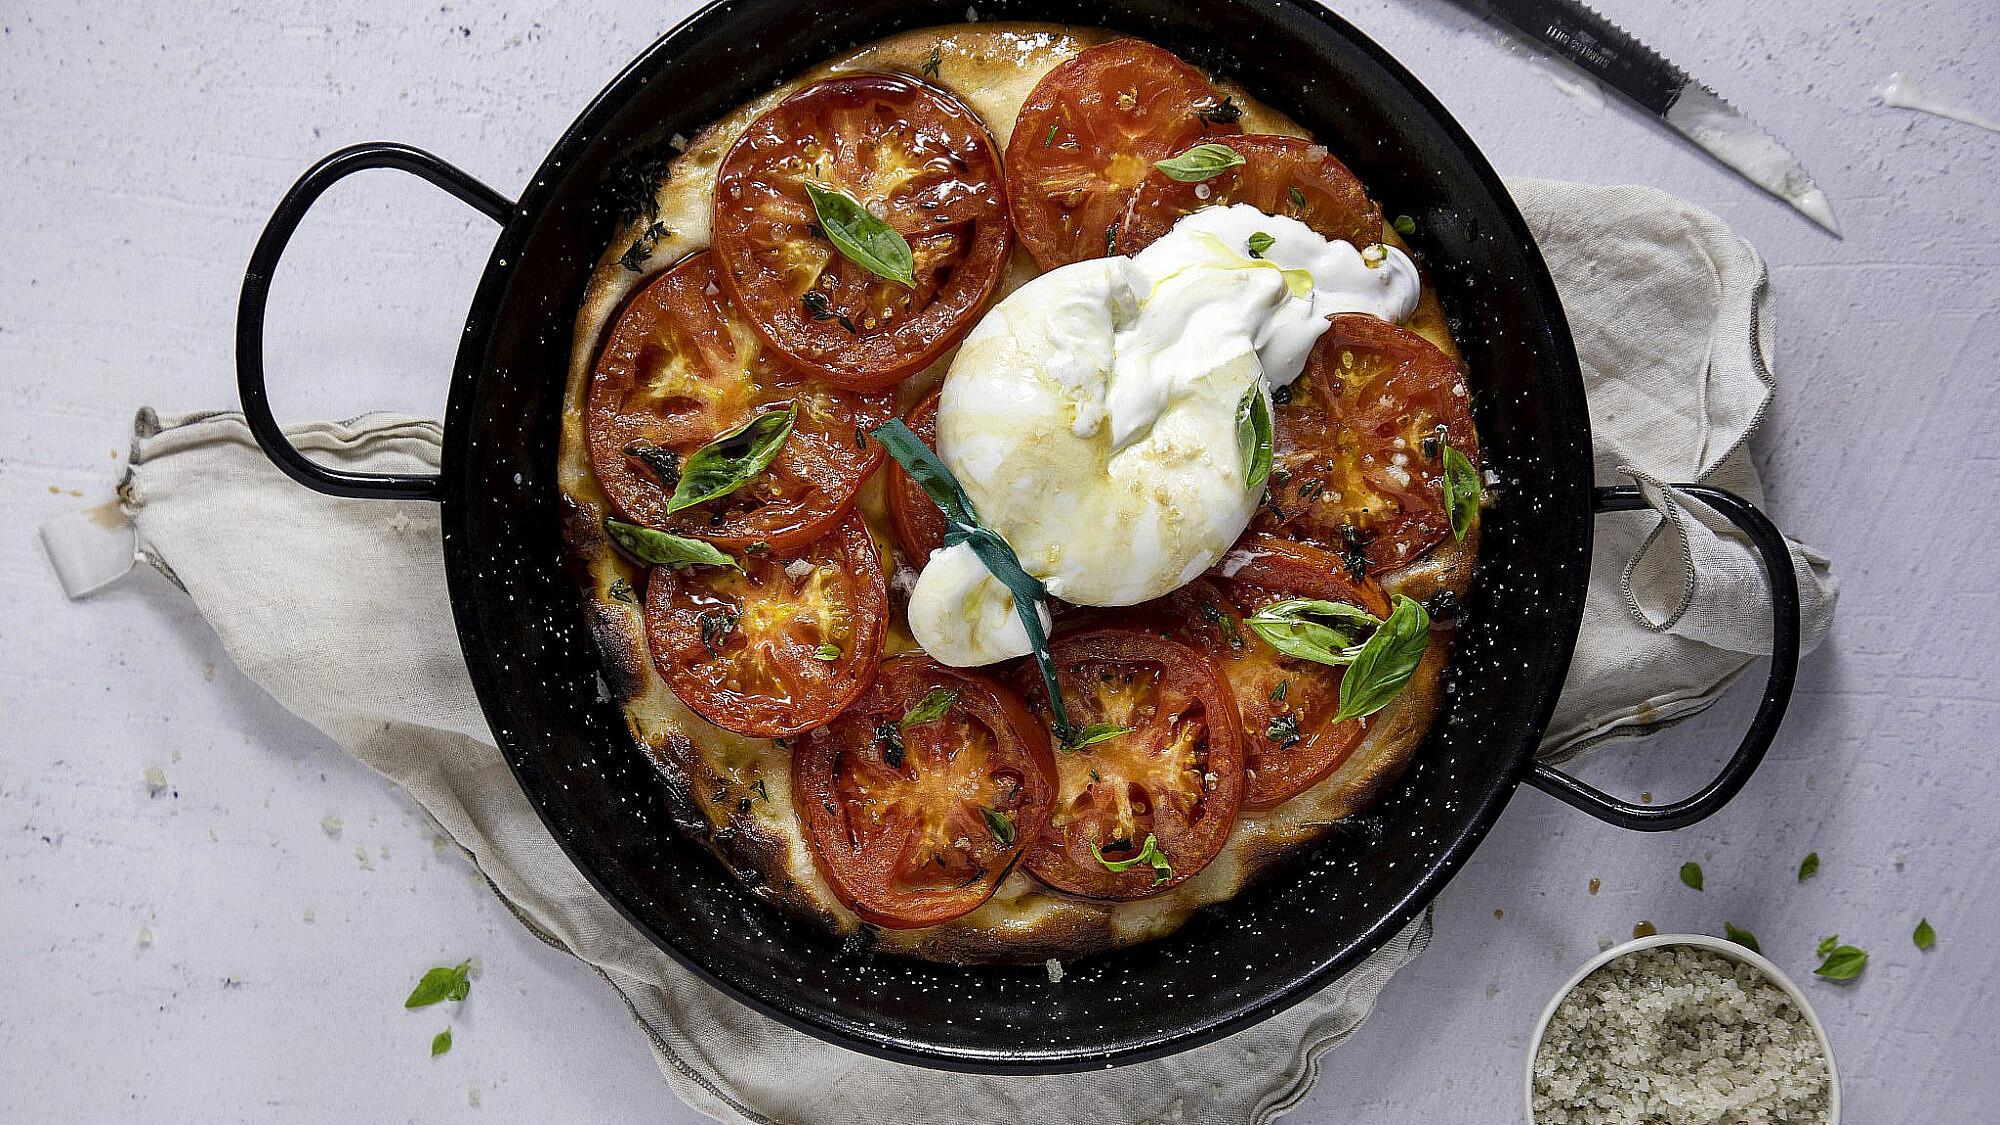 פוקצ'ה בוראטה עם עגבניות צלויות של דן לב | סטיילינג: שרית נובק, צילום: דן לב